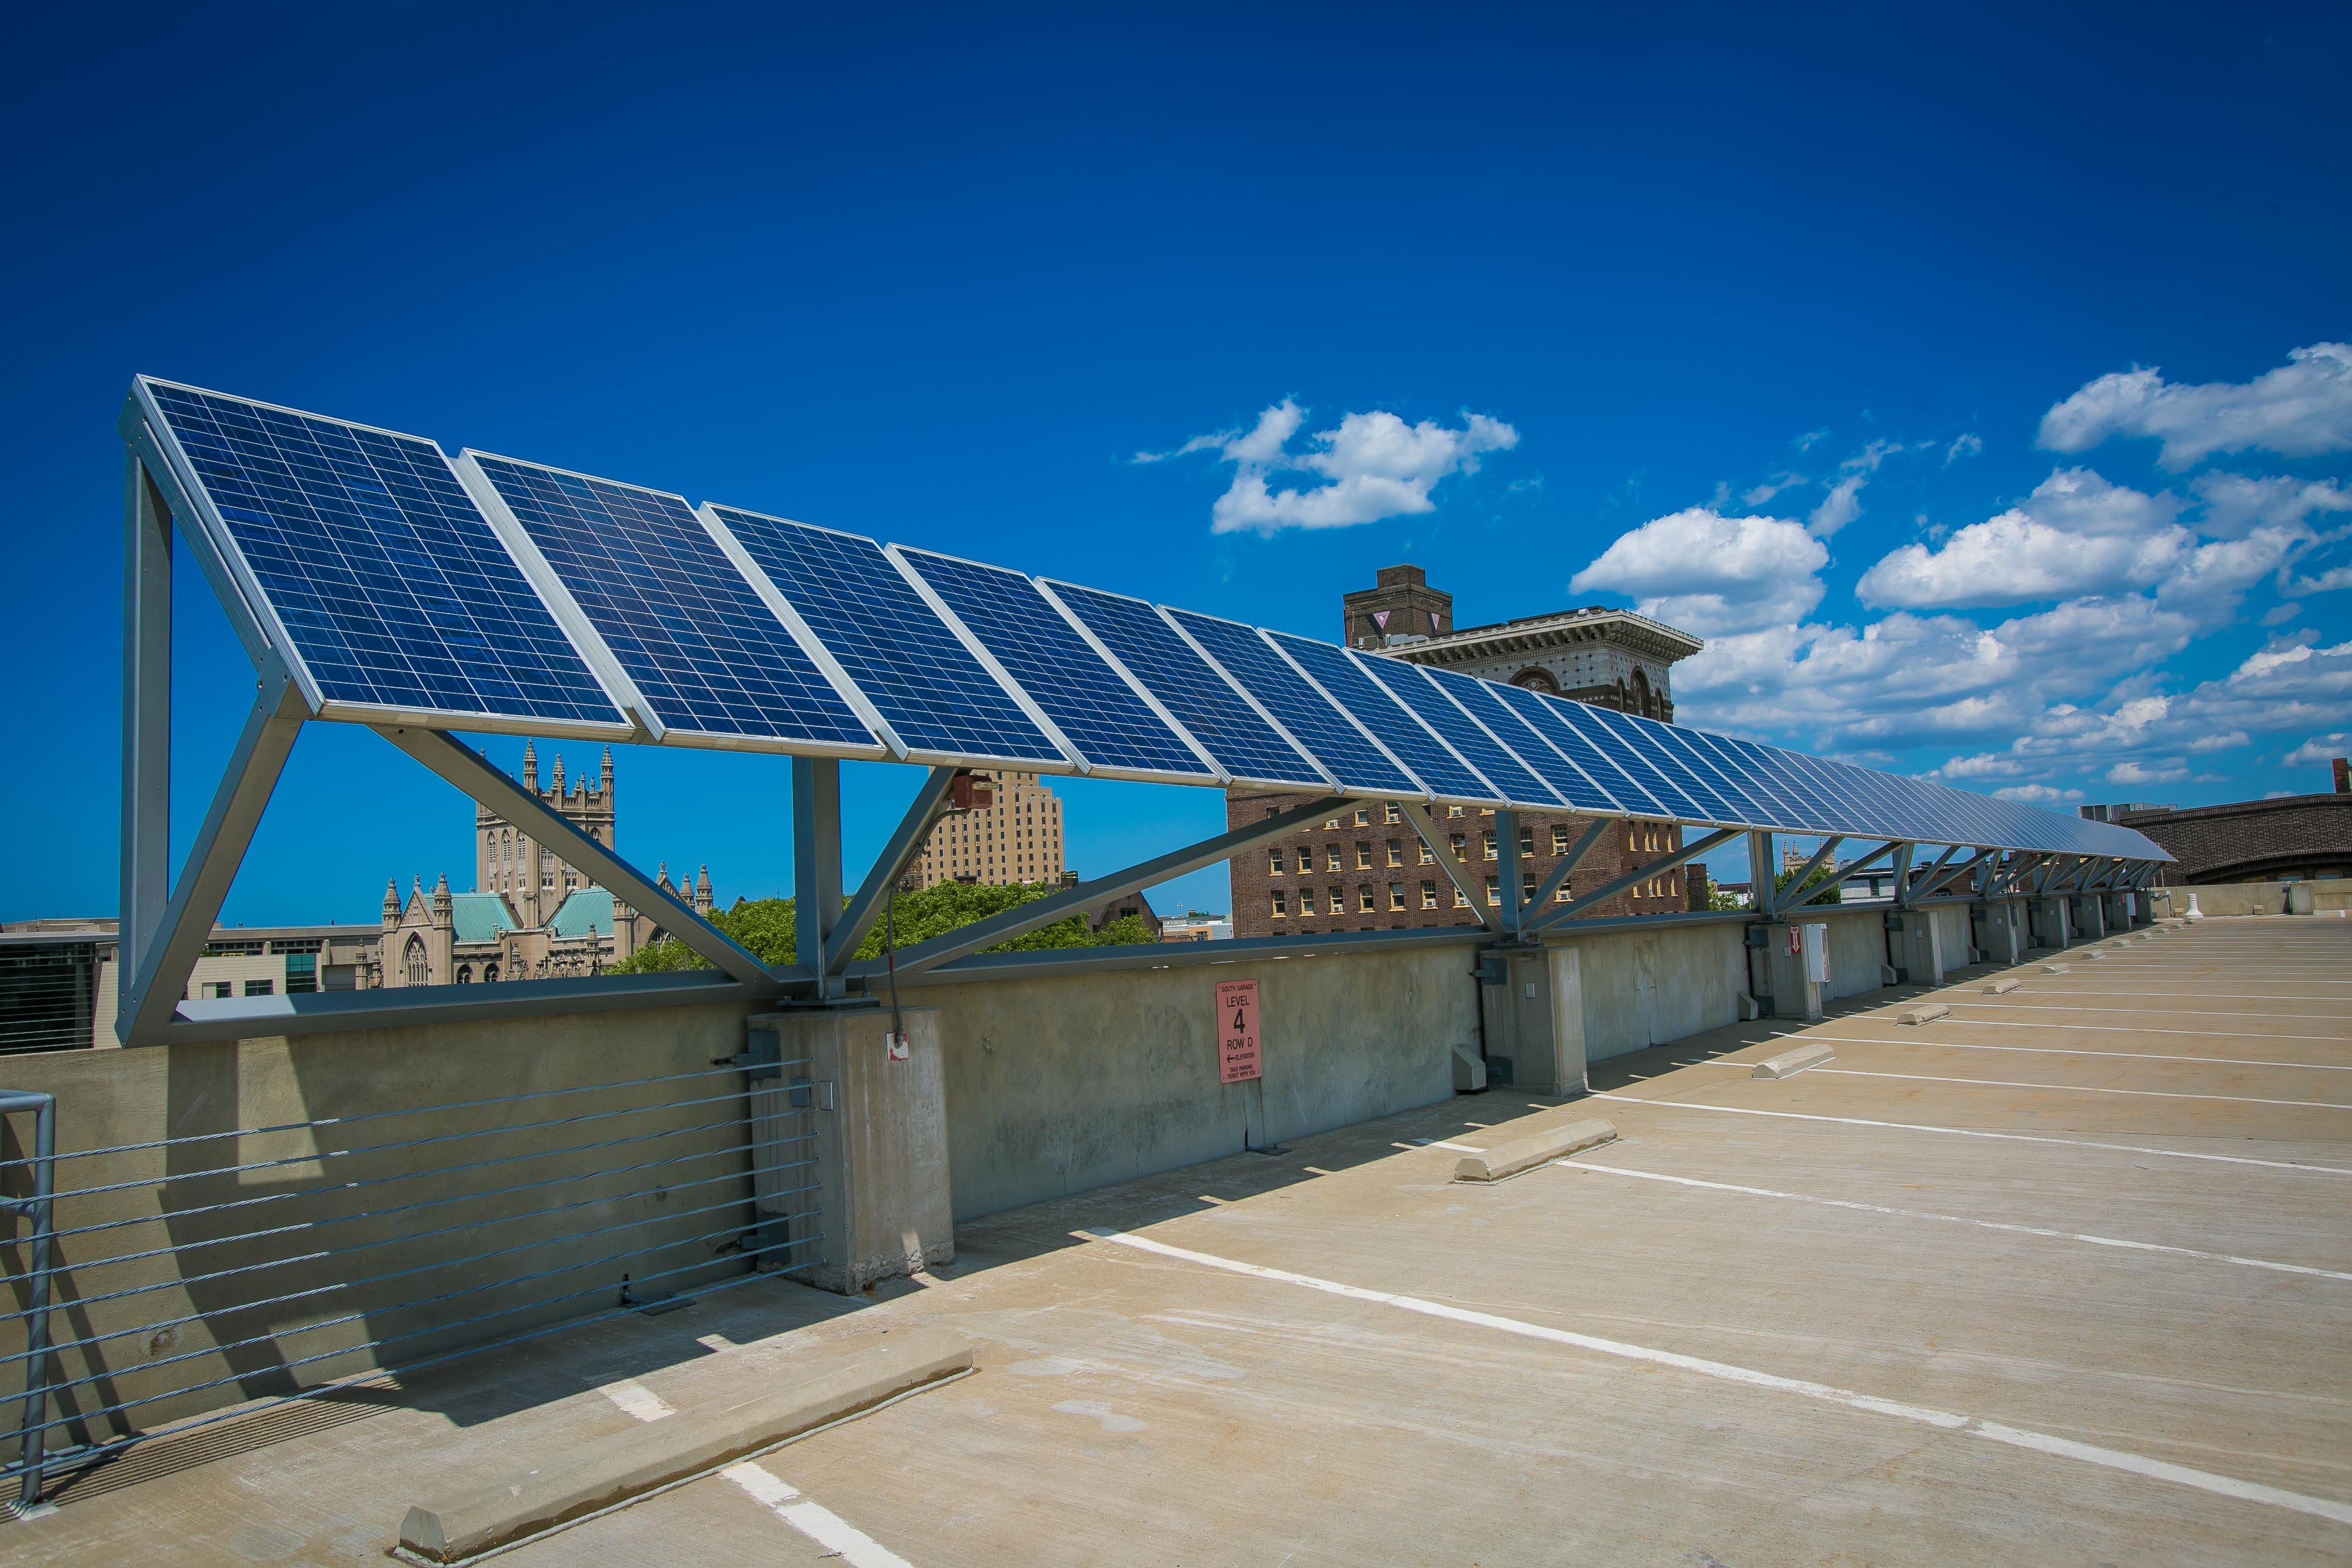 CSU South Garage Solar PV